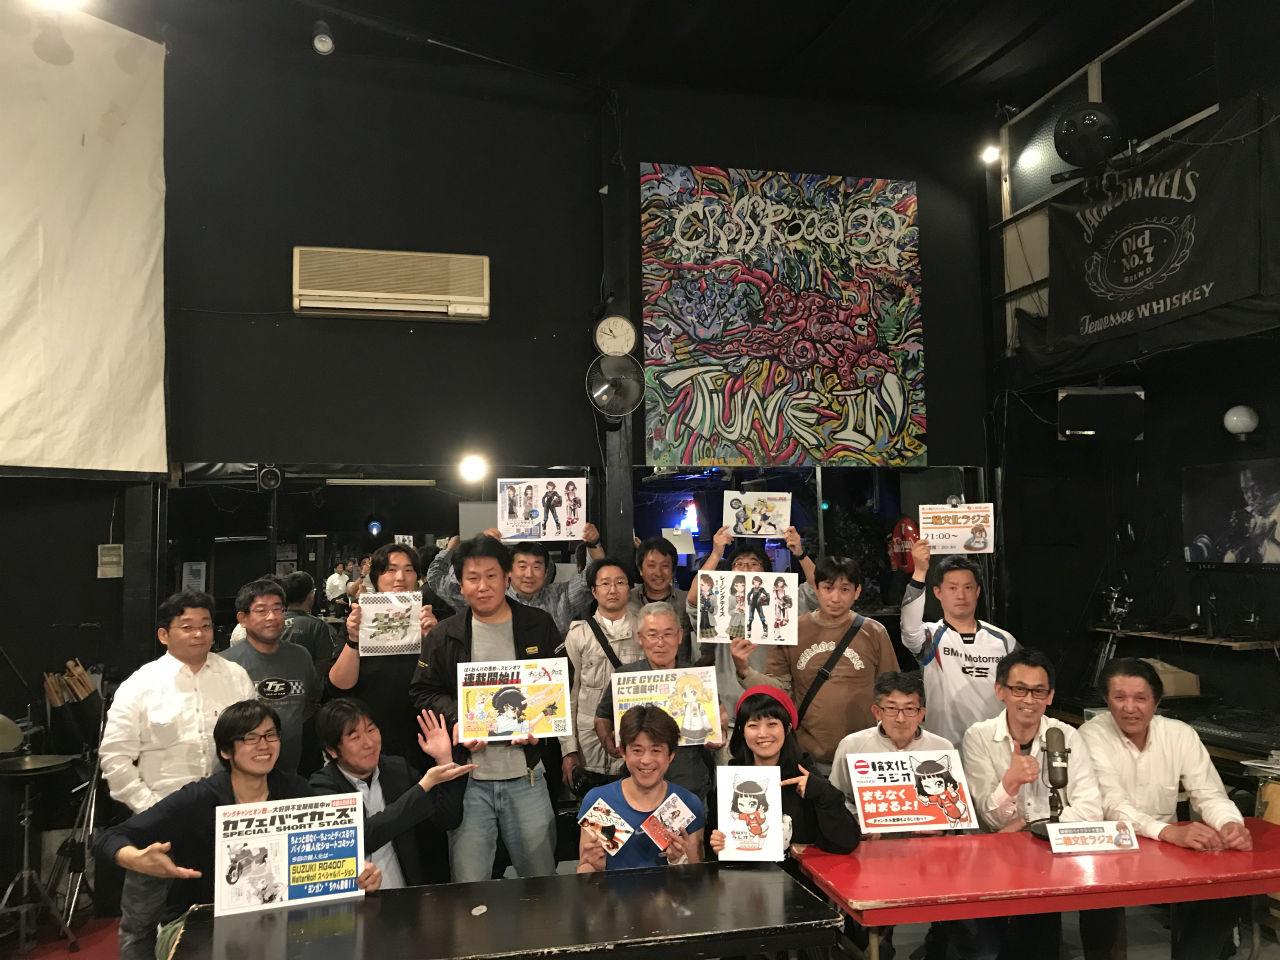 二輪文化ラジオ46:何か新しいことを始めたい!